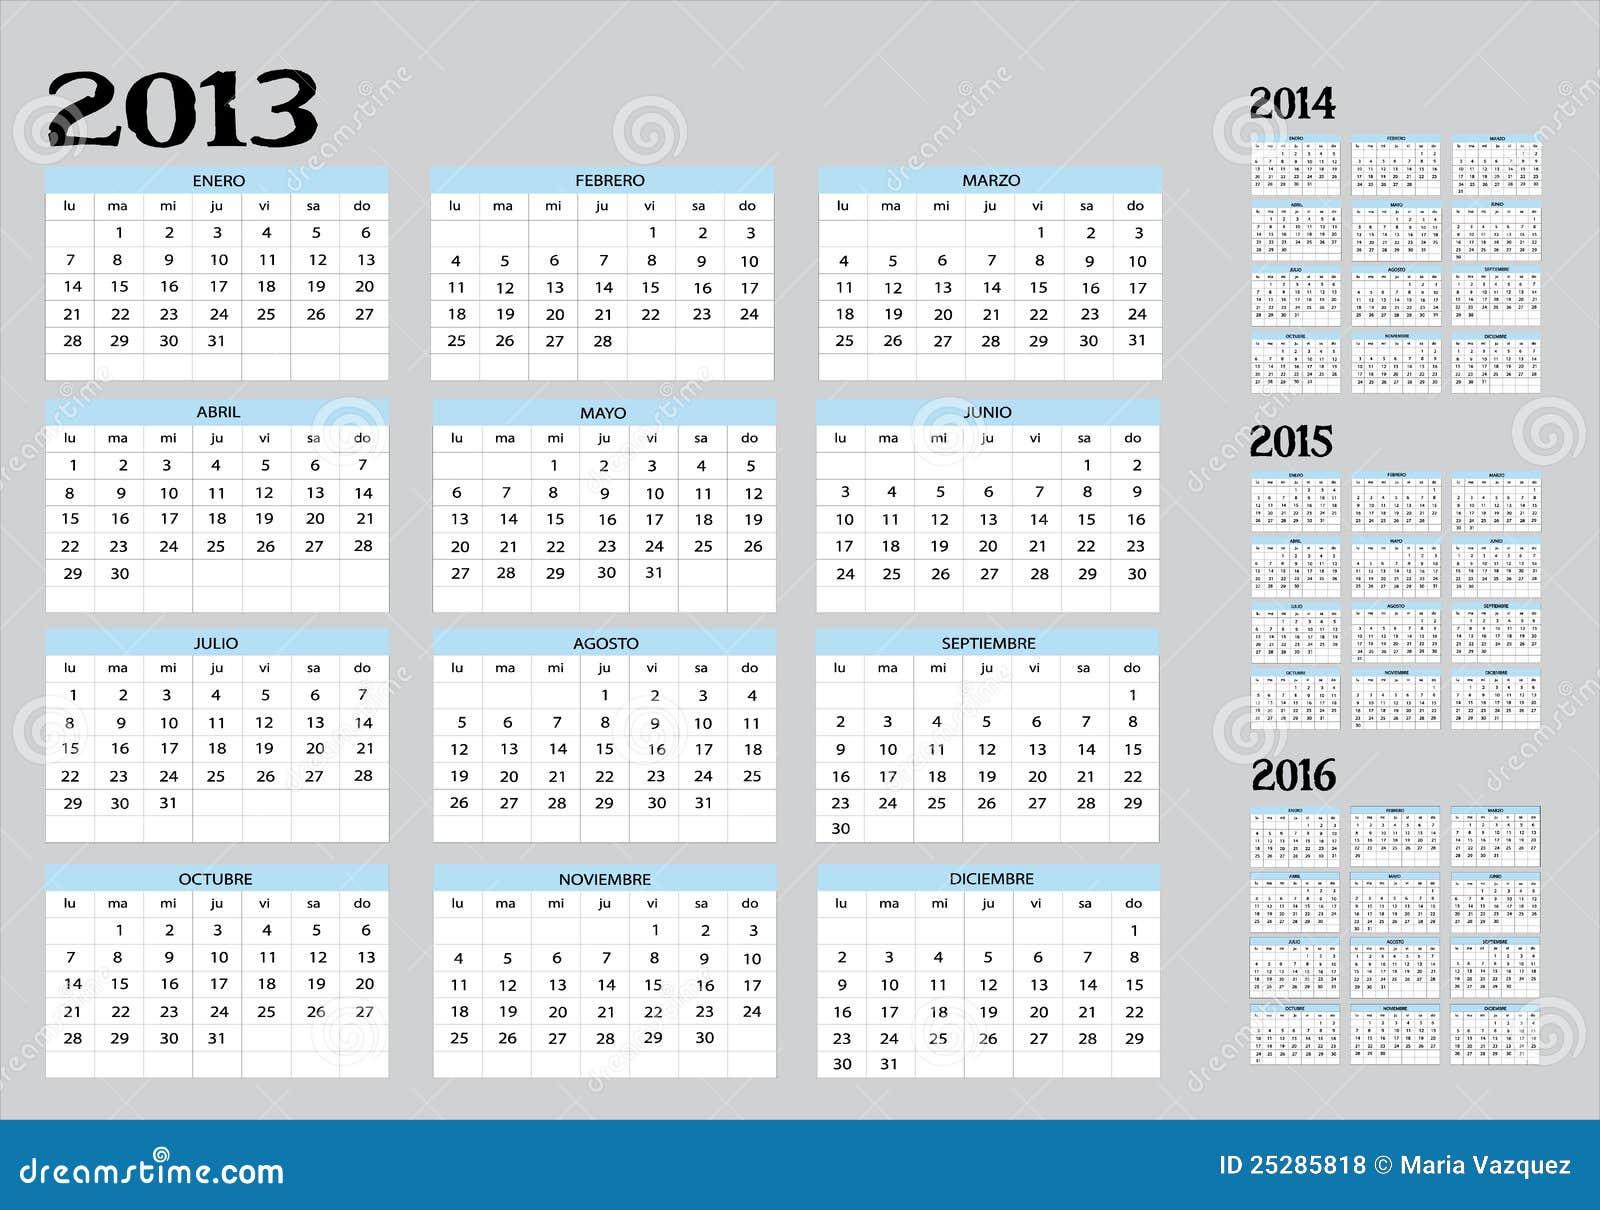 kalender von 2013 bis 2016 lizenzfreie stockfotos bild. Black Bedroom Furniture Sets. Home Design Ideas